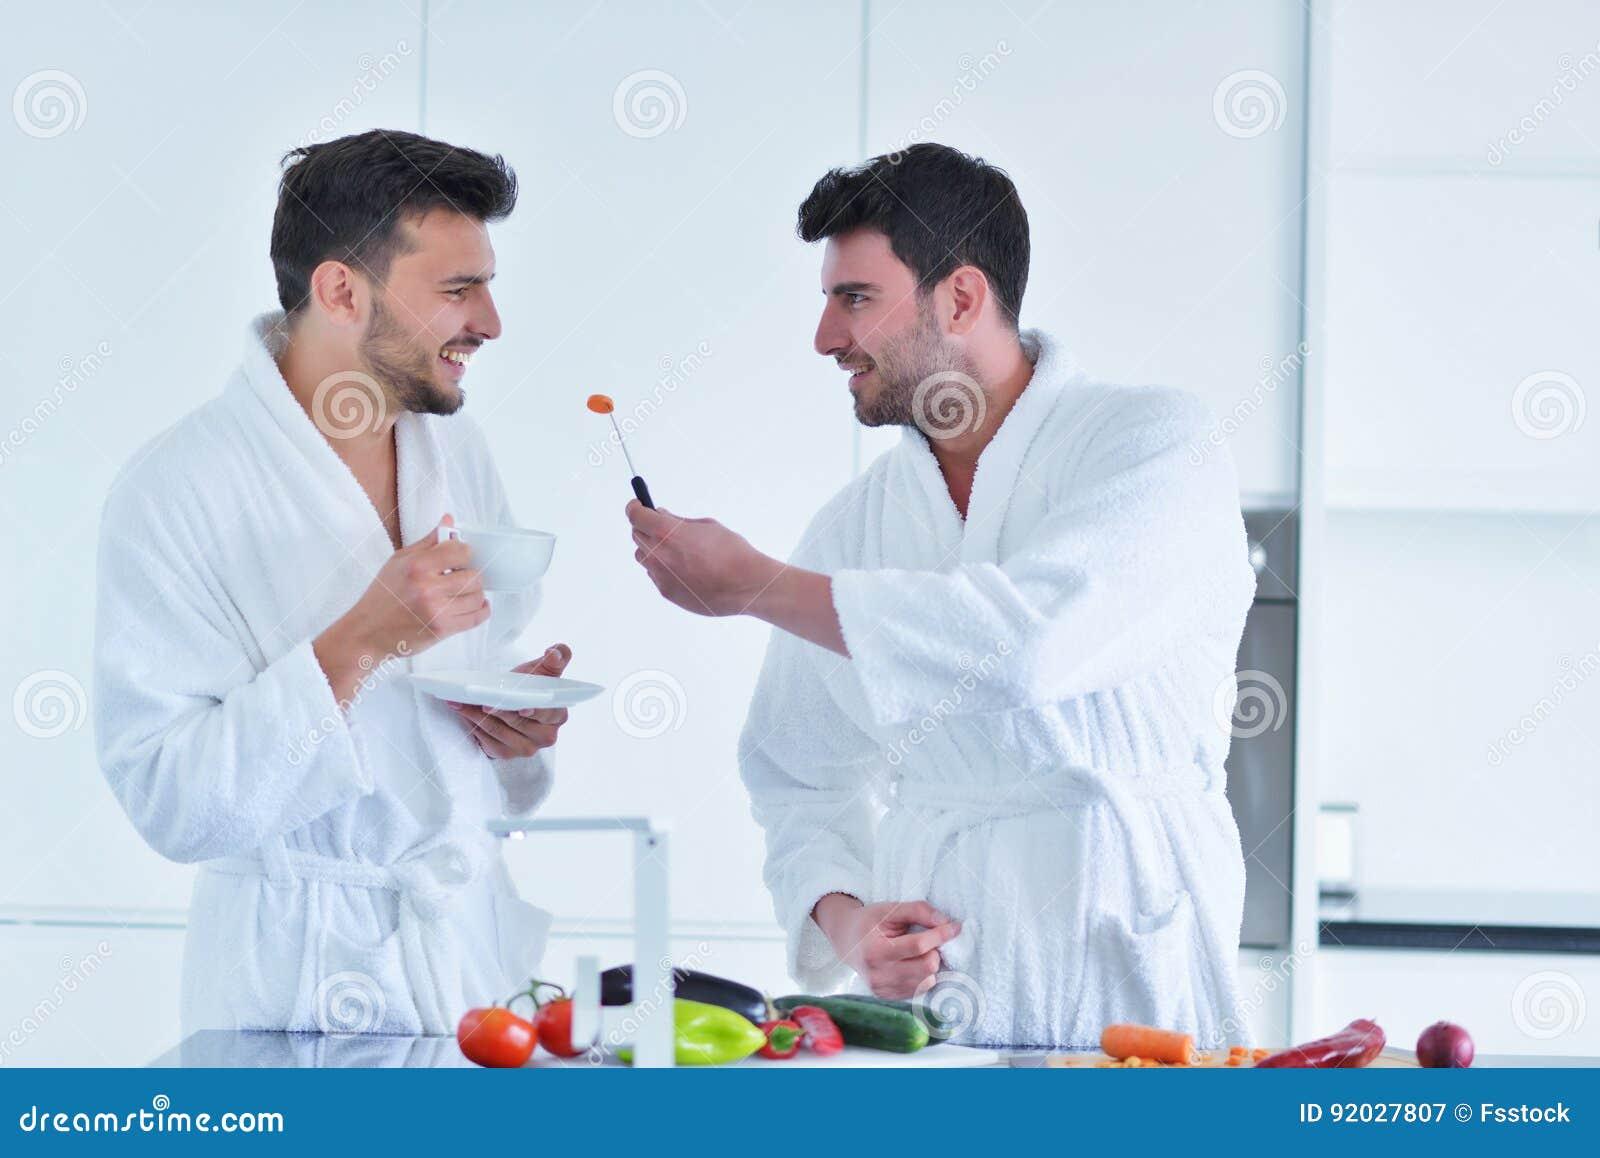 Junge homosexuelle Paare frühstücken in der Küche am sonnigen Tag